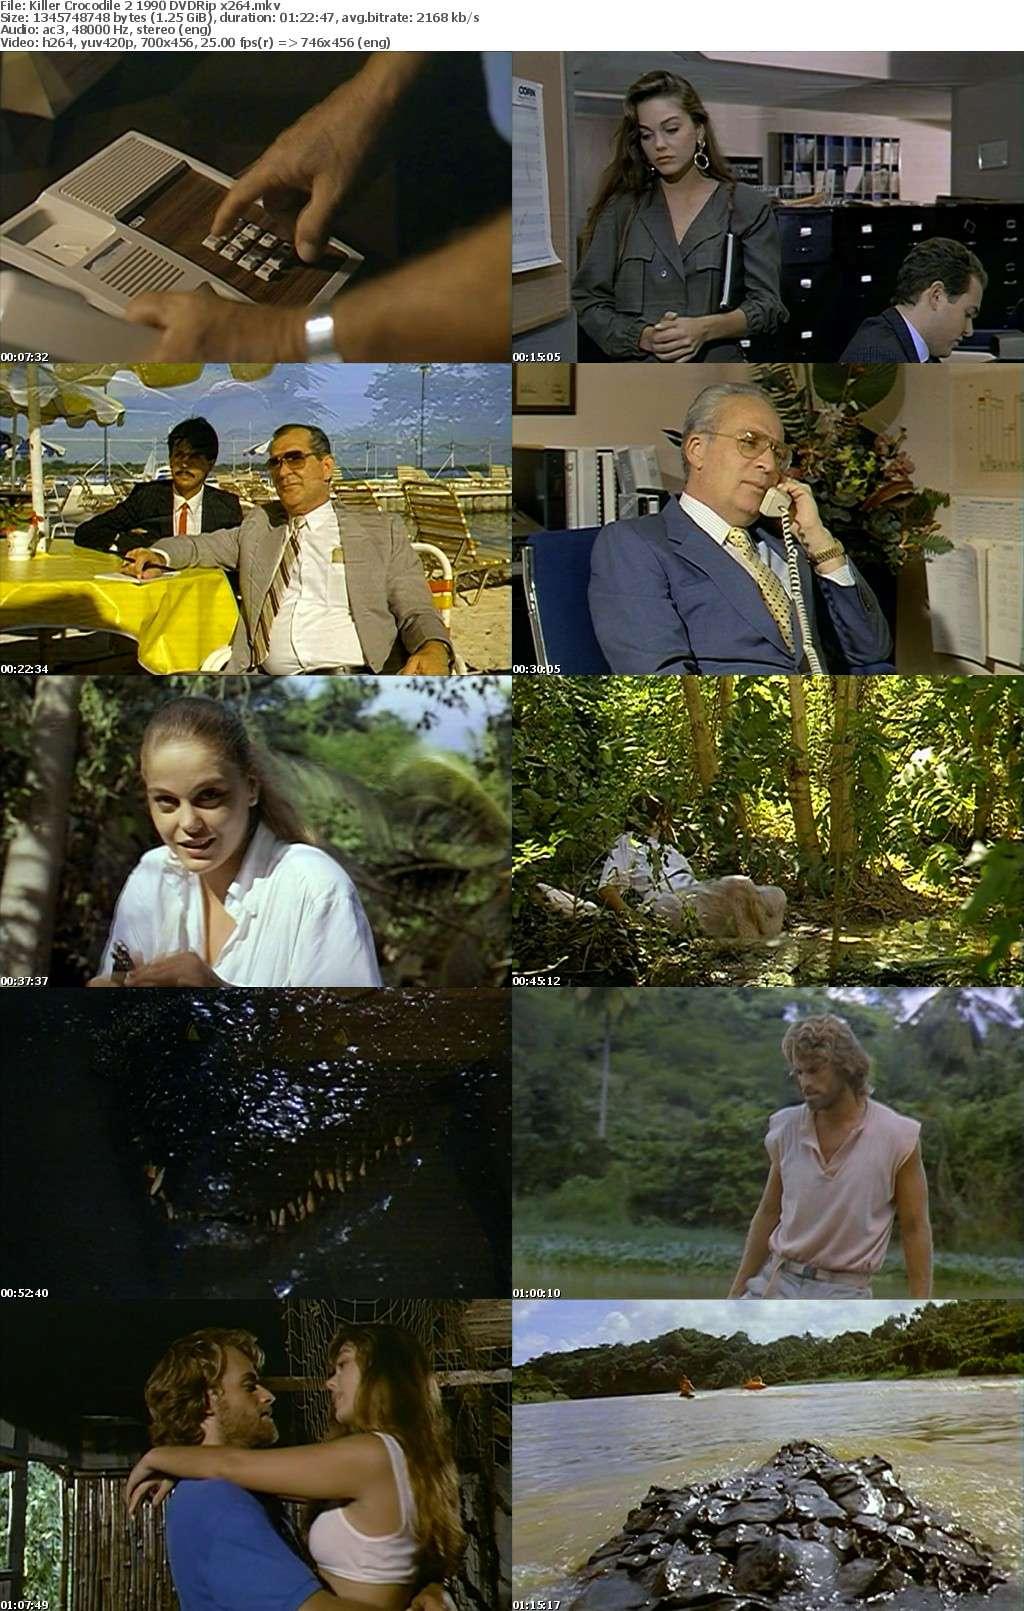 Killer Crocodile 2 1990 DVDRip x264